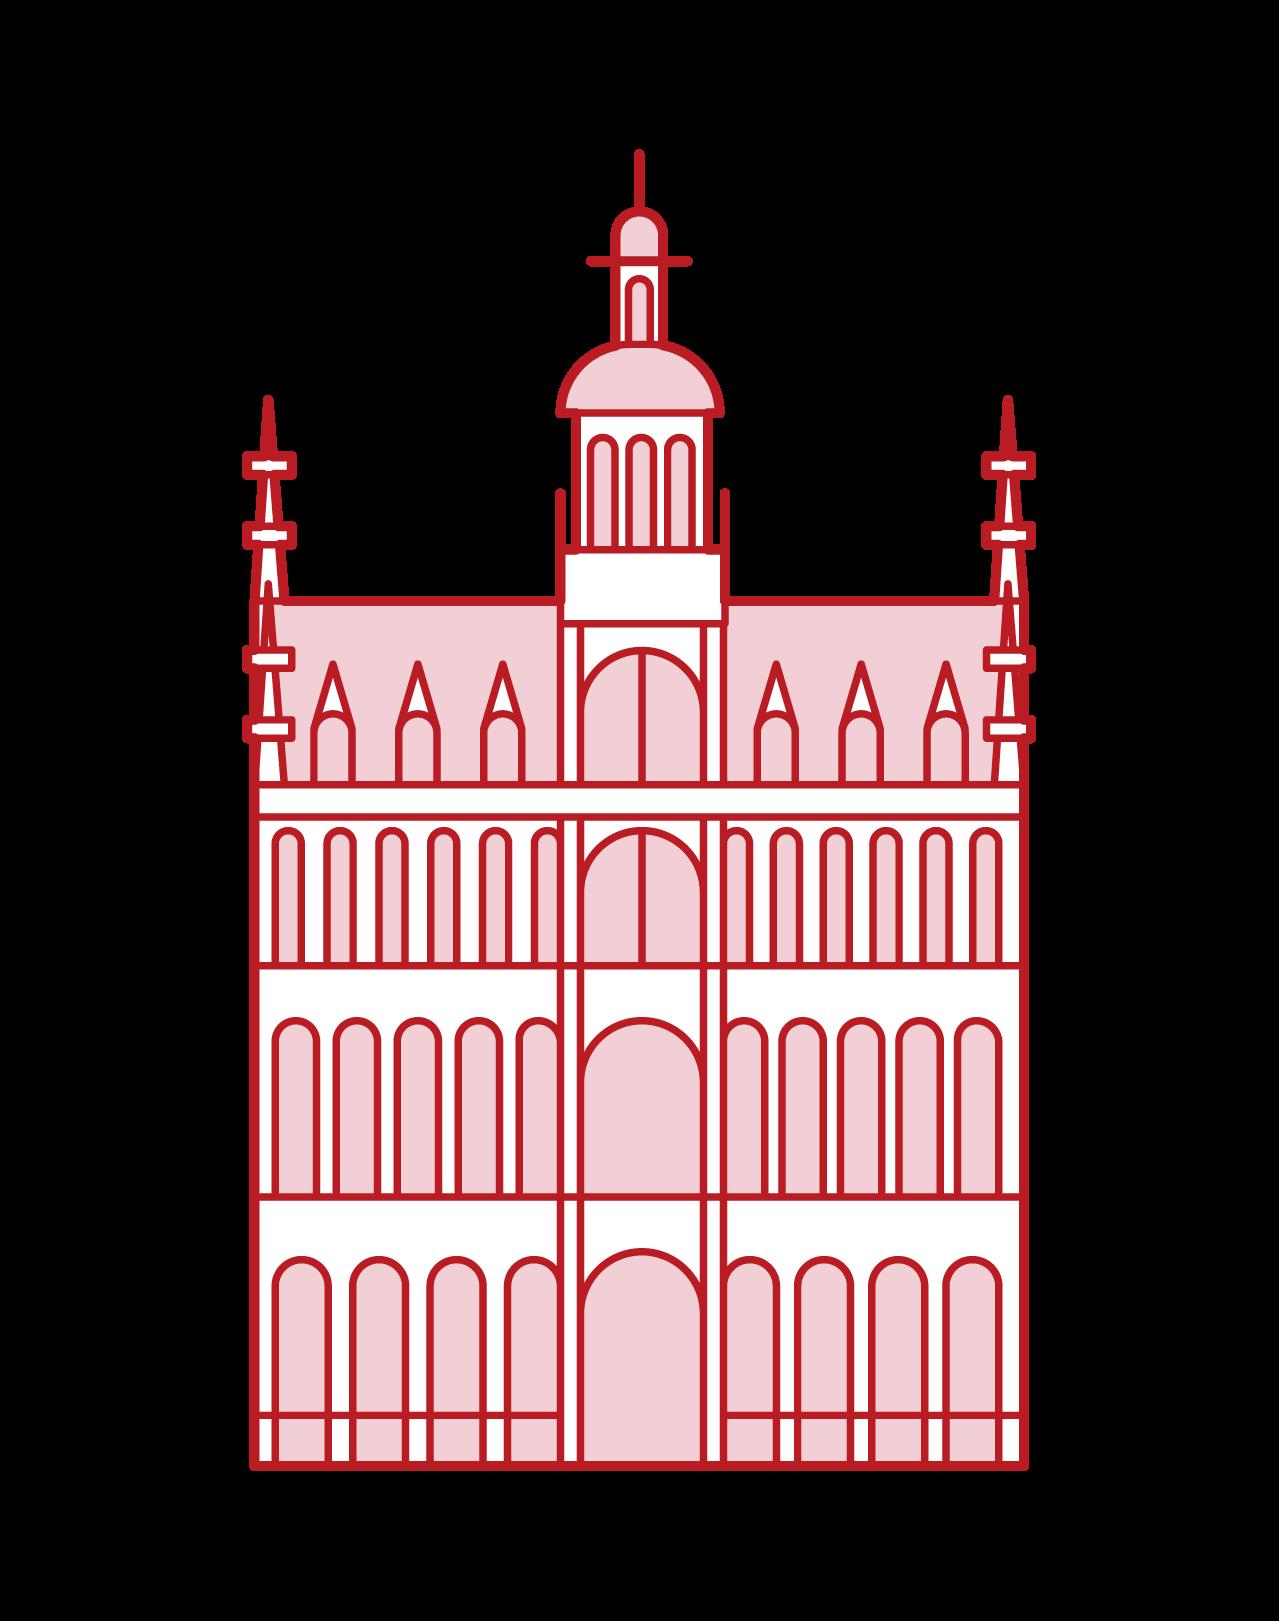 大廣場國王的家的插圖